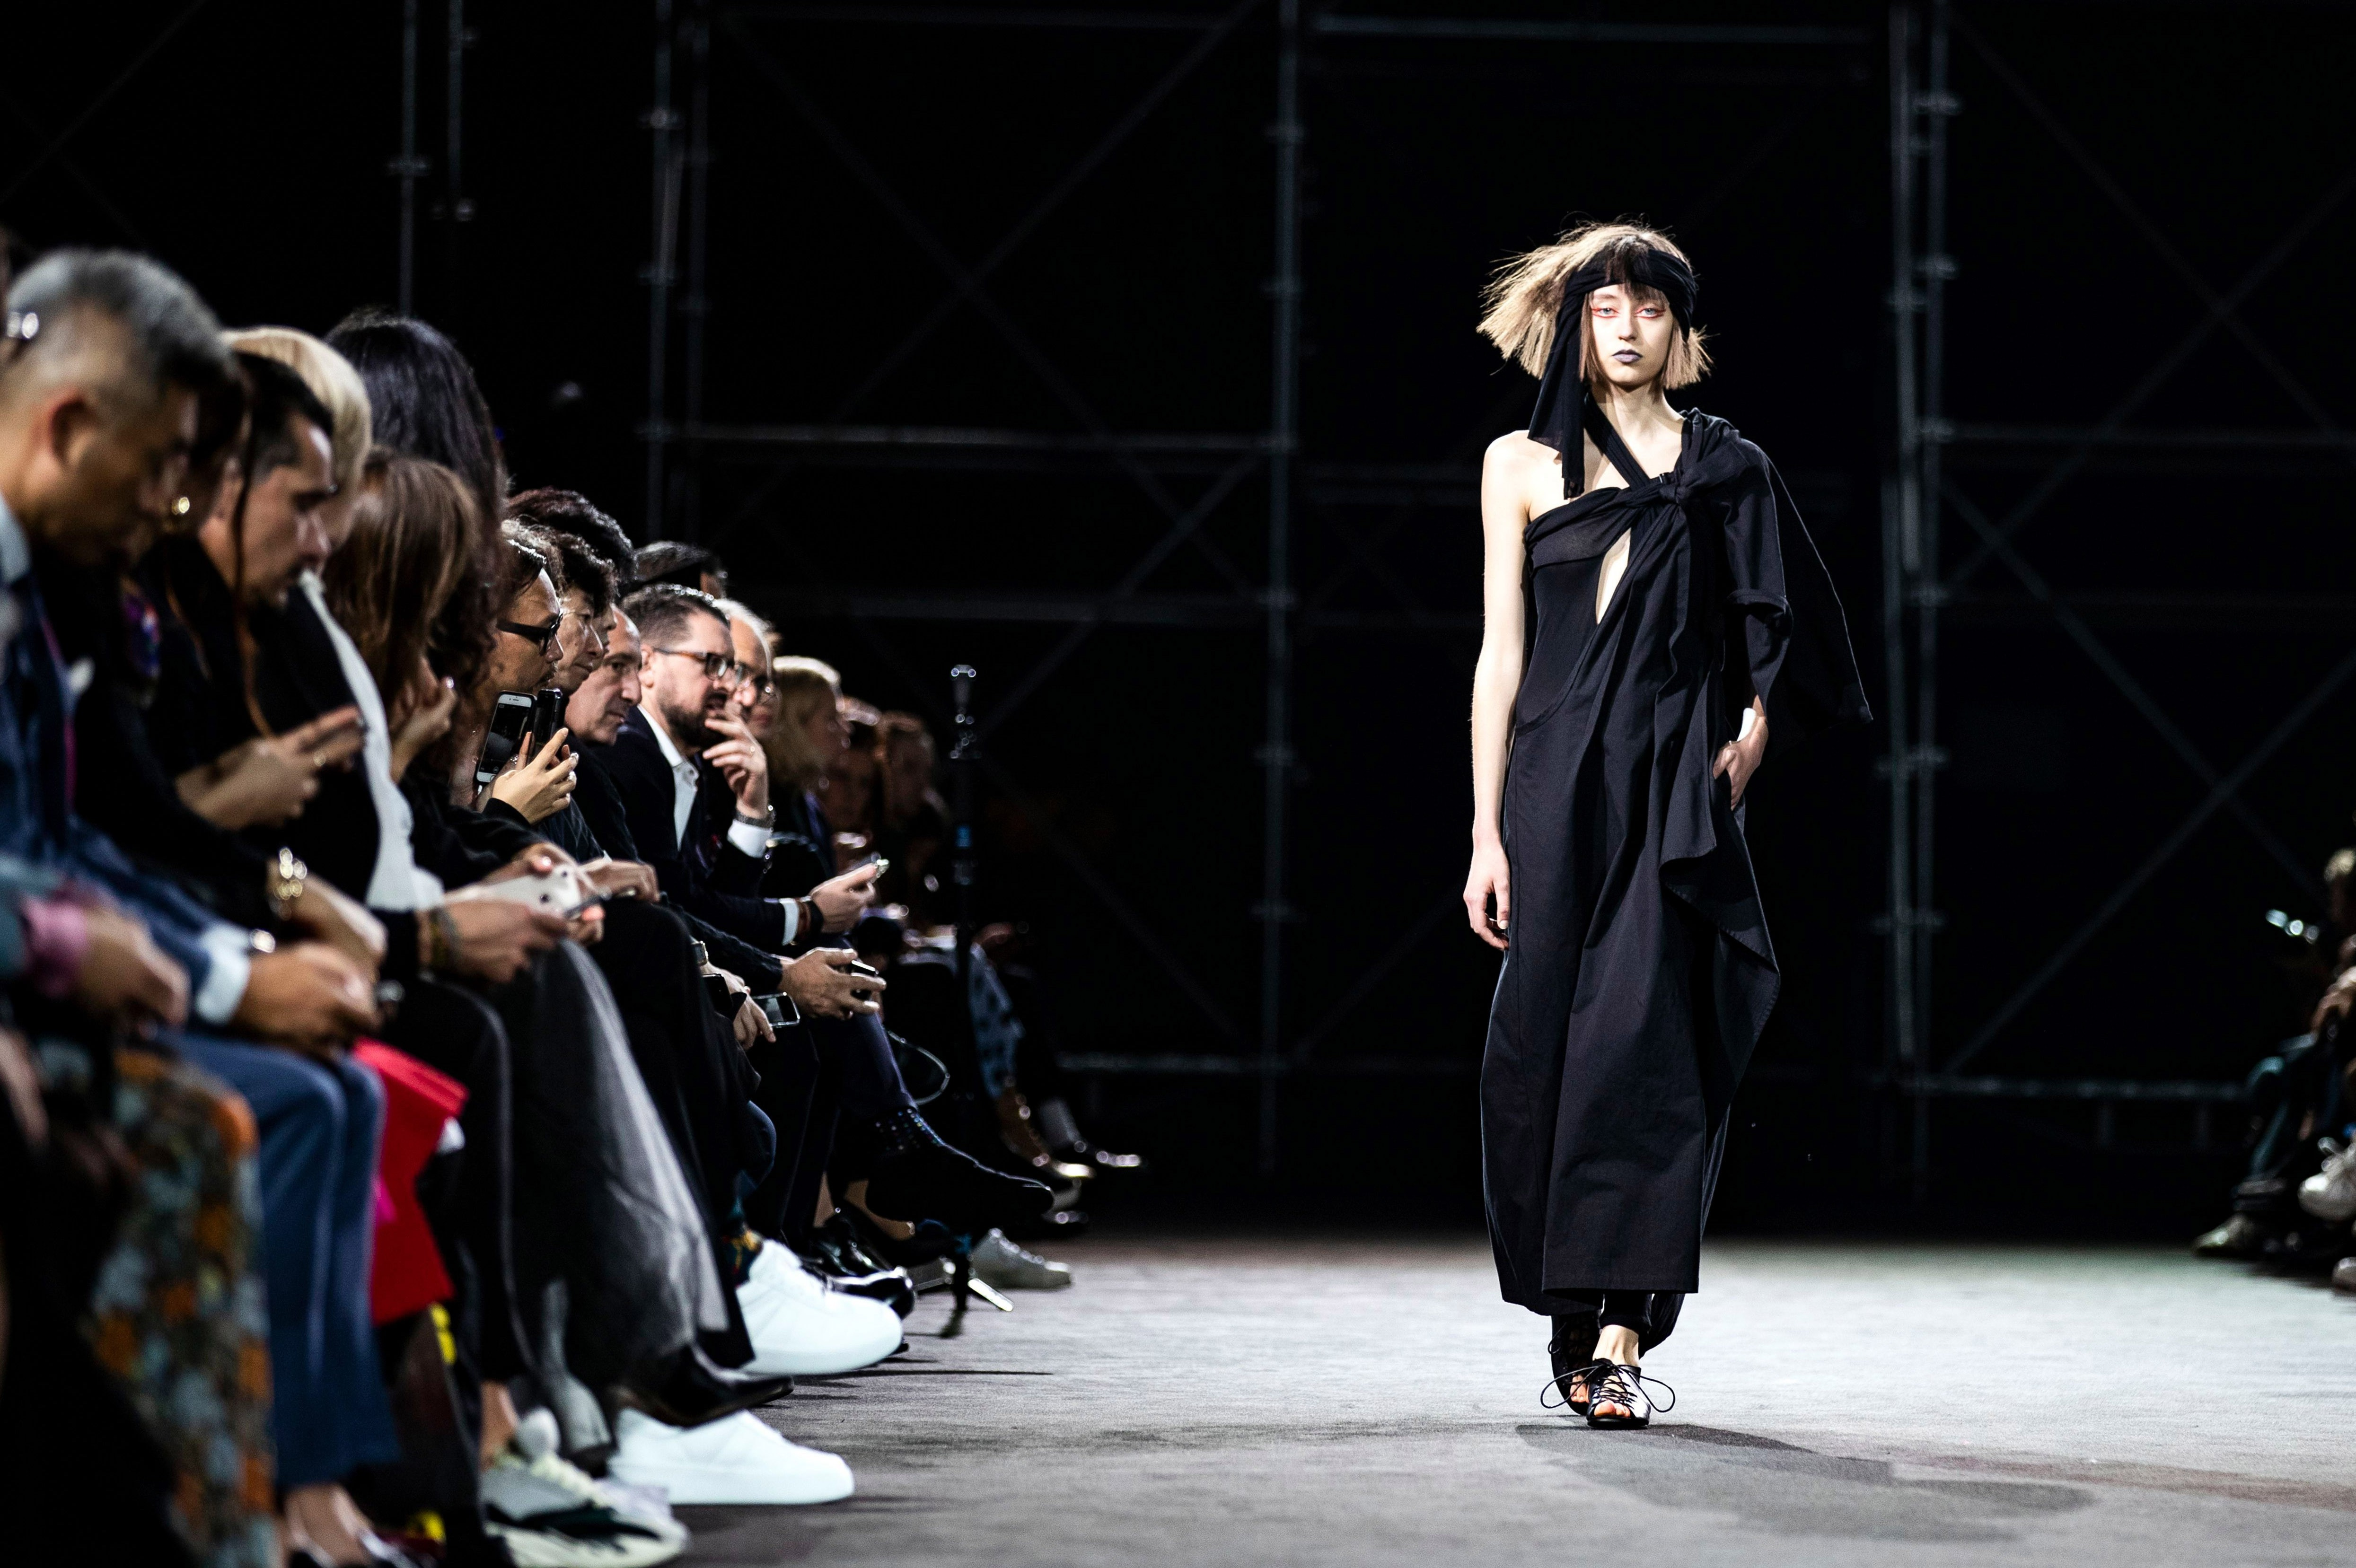 Yohji Yamamoto The Japanese Designer Who Redefined Avant Garde Fashion